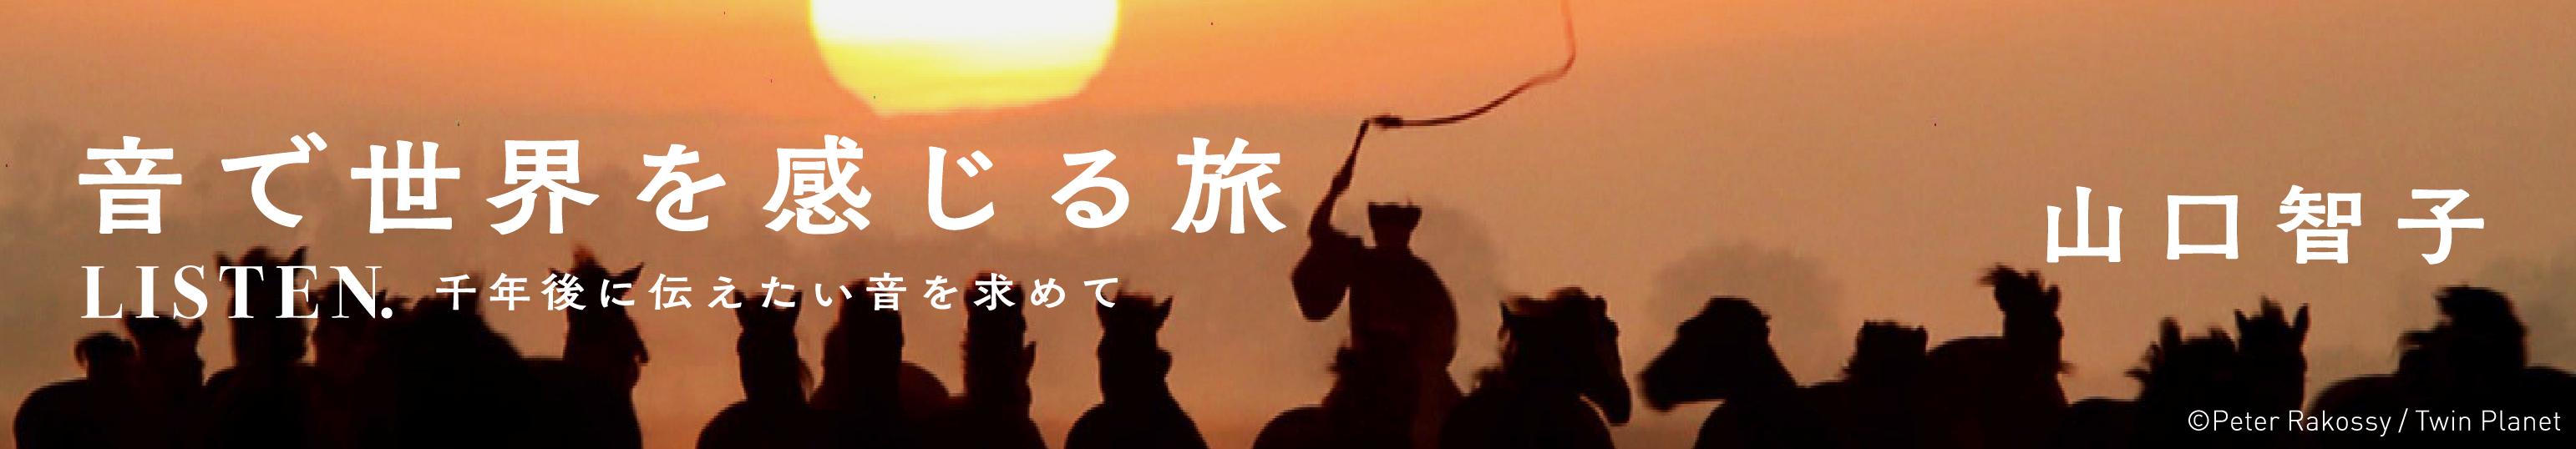 音で世界を感じる旅 LISTEN. 千年後に伝えたい音を求めて / 山口智子